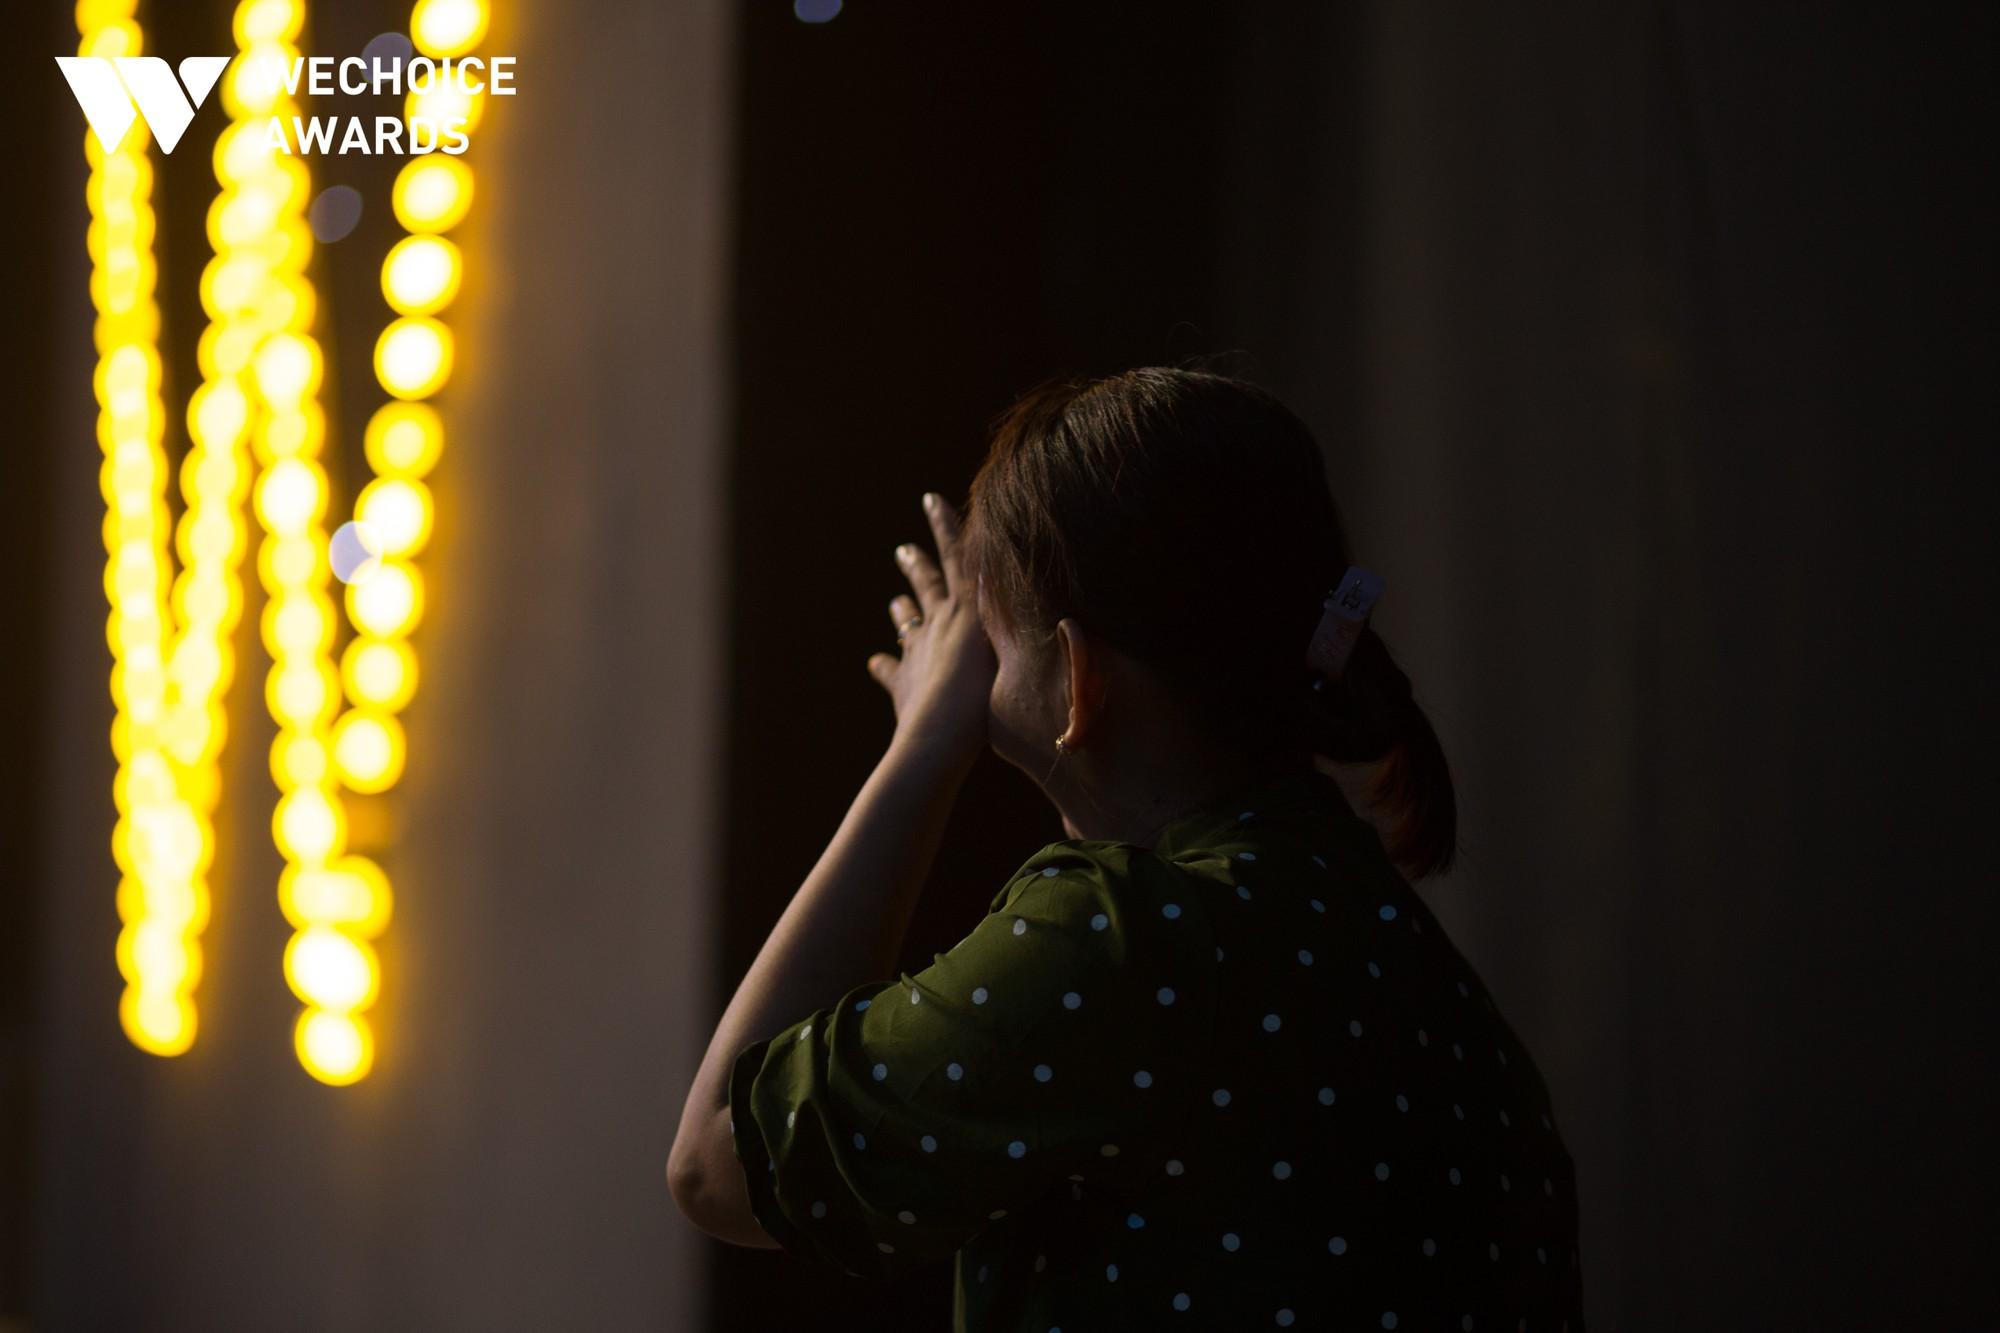 Mẹ cậu bé xếp dép bật khóc trên sóng truyền hình khi nhắc đến ước mơ thành hiện thực: Có việc làm để nuôi con - Ảnh 5.